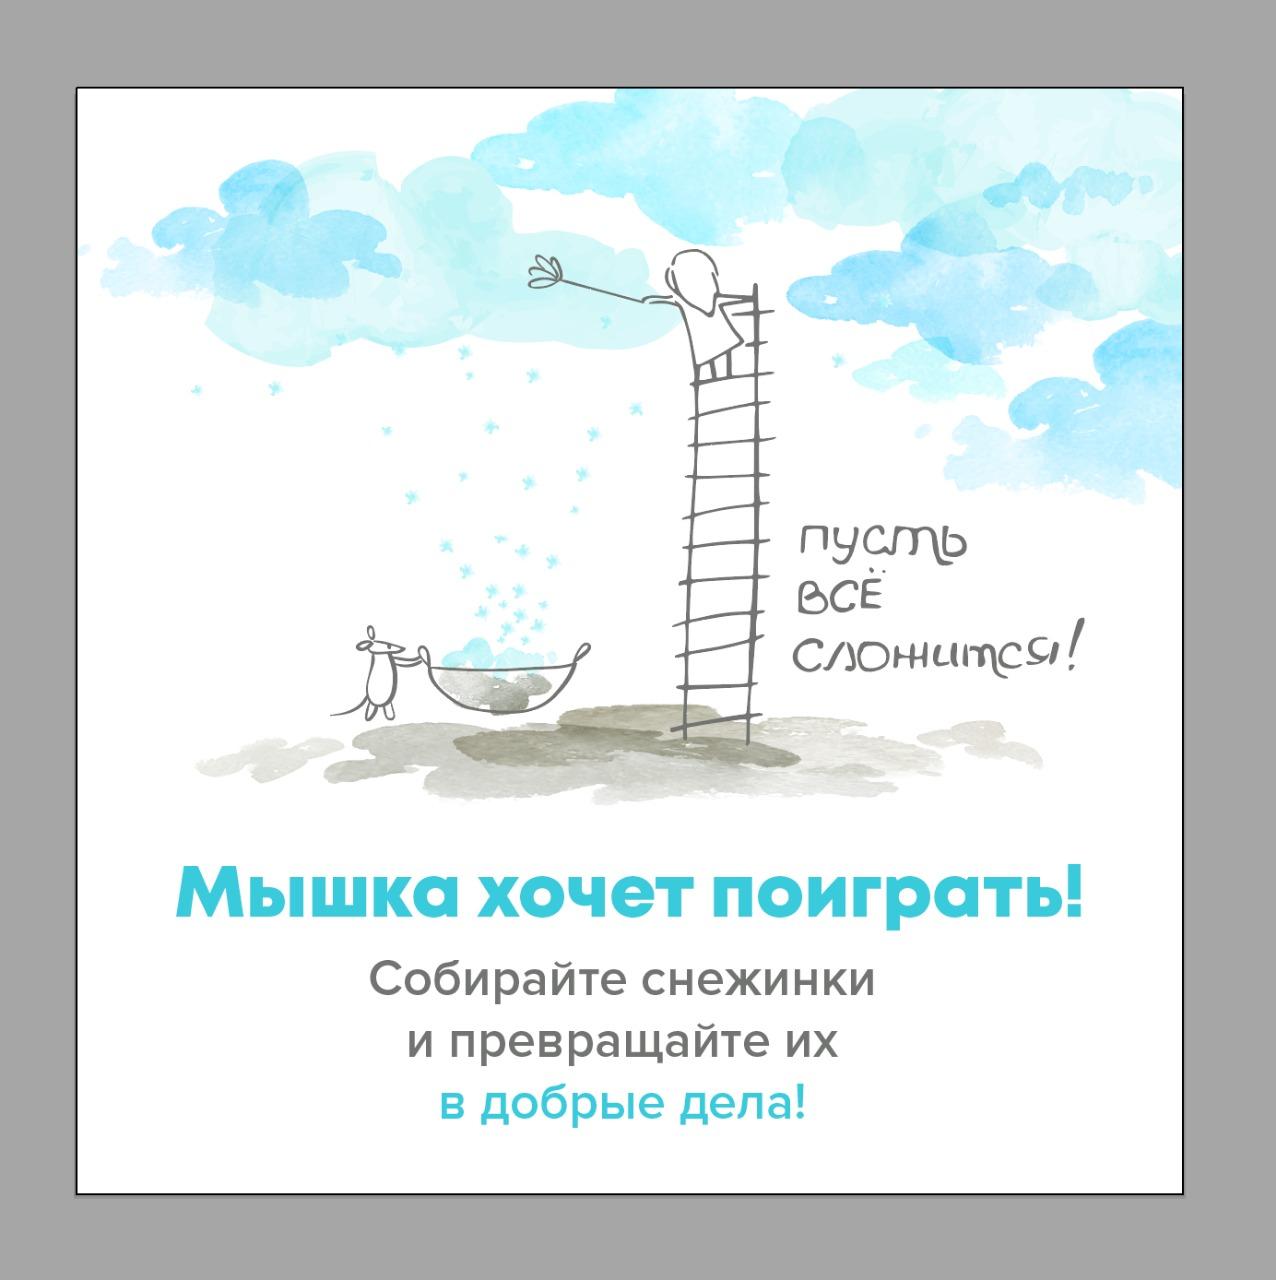 Онлайн-игра во благо: ловите снежинки на радость детям и Мышке